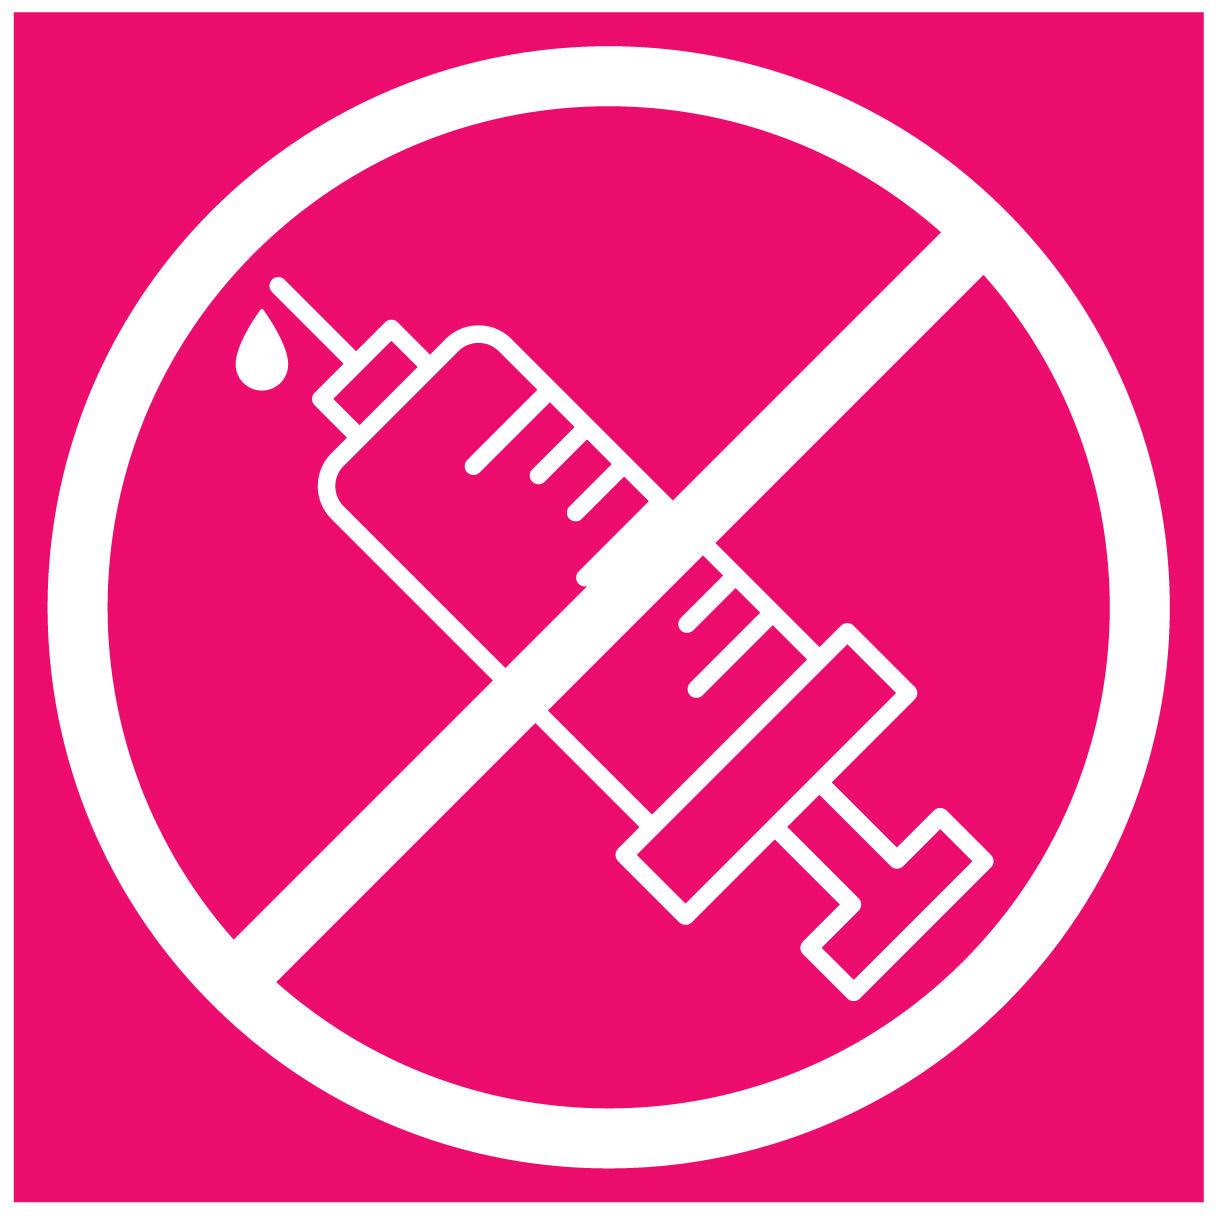 Needle- safe injecting.jpg